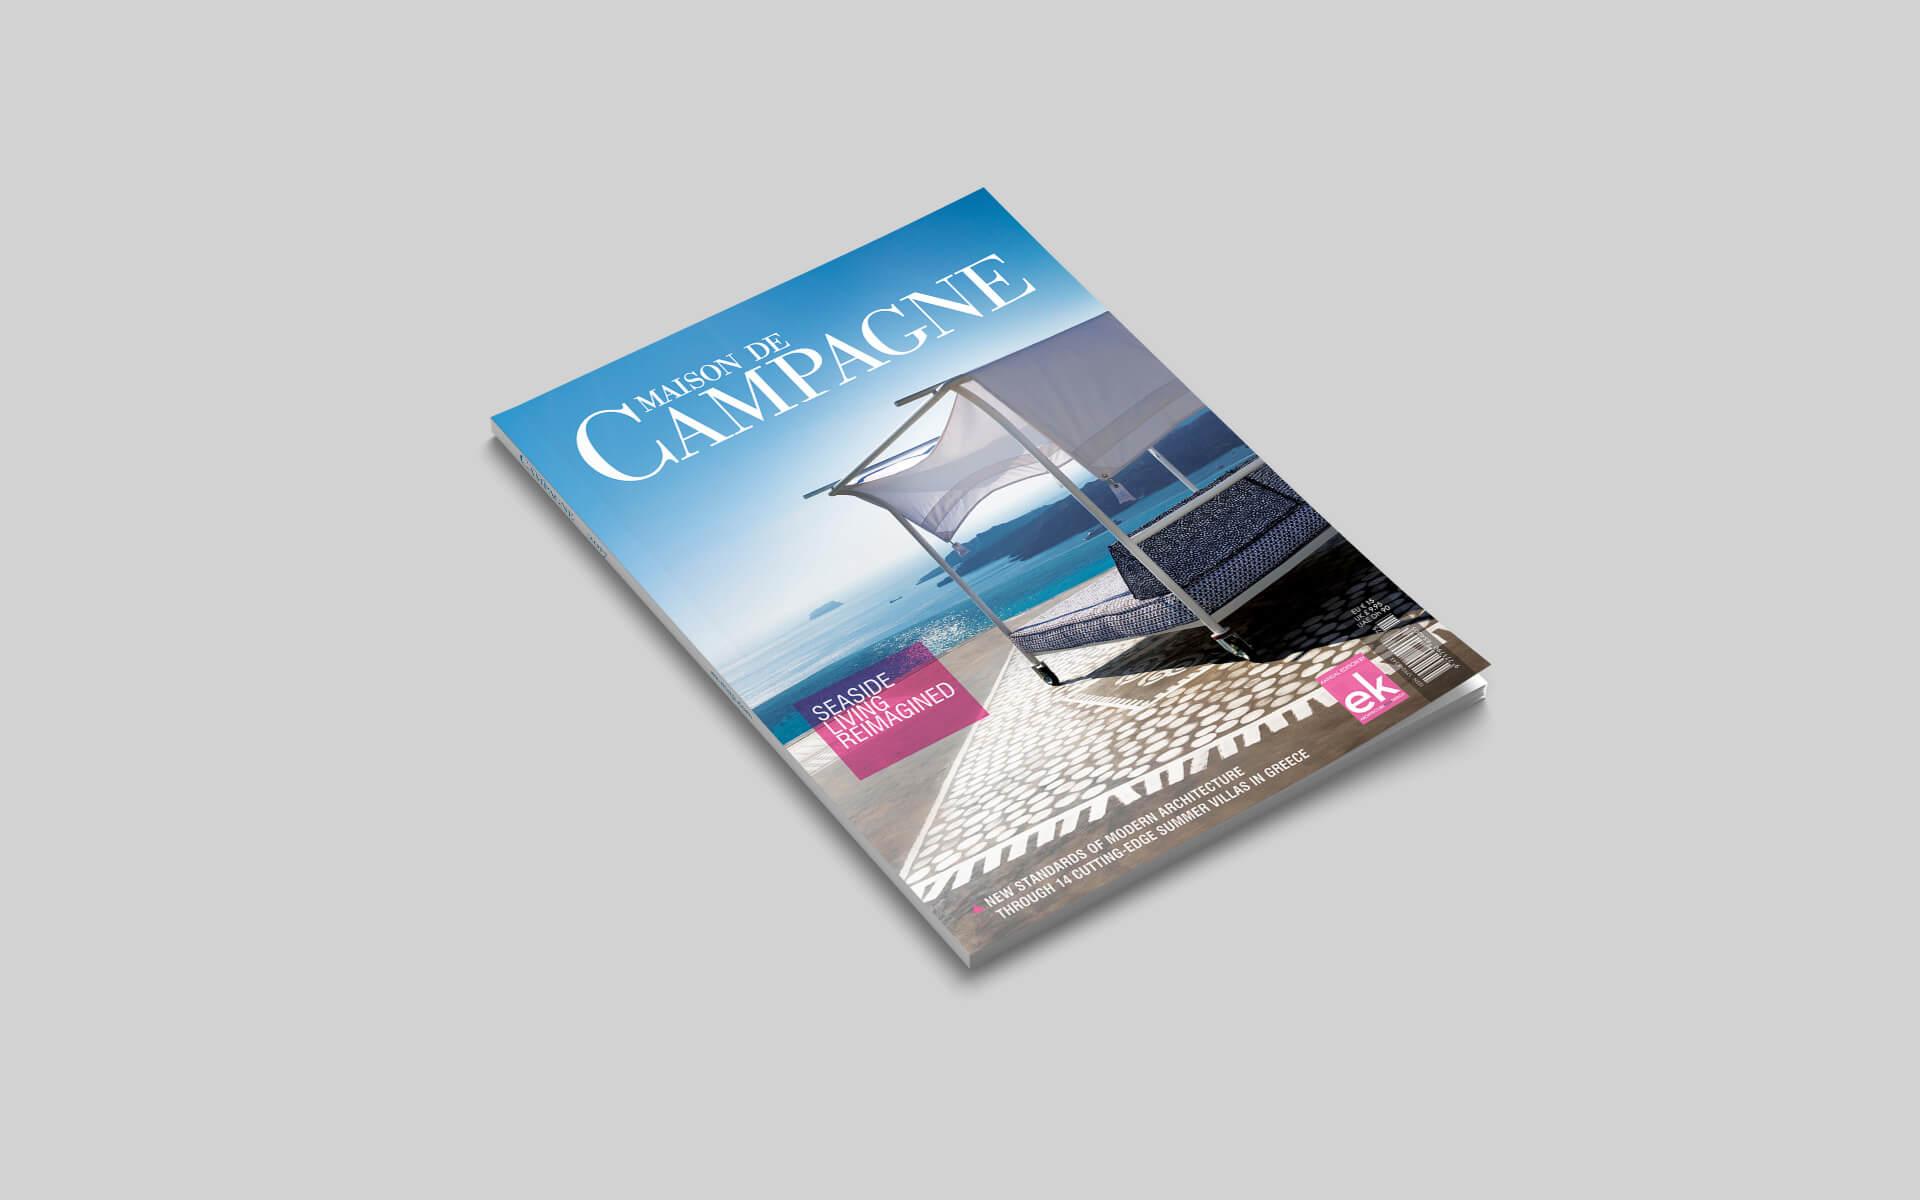 maison de campagne 2017 ek magazine. Black Bedroom Furniture Sets. Home Design Ideas